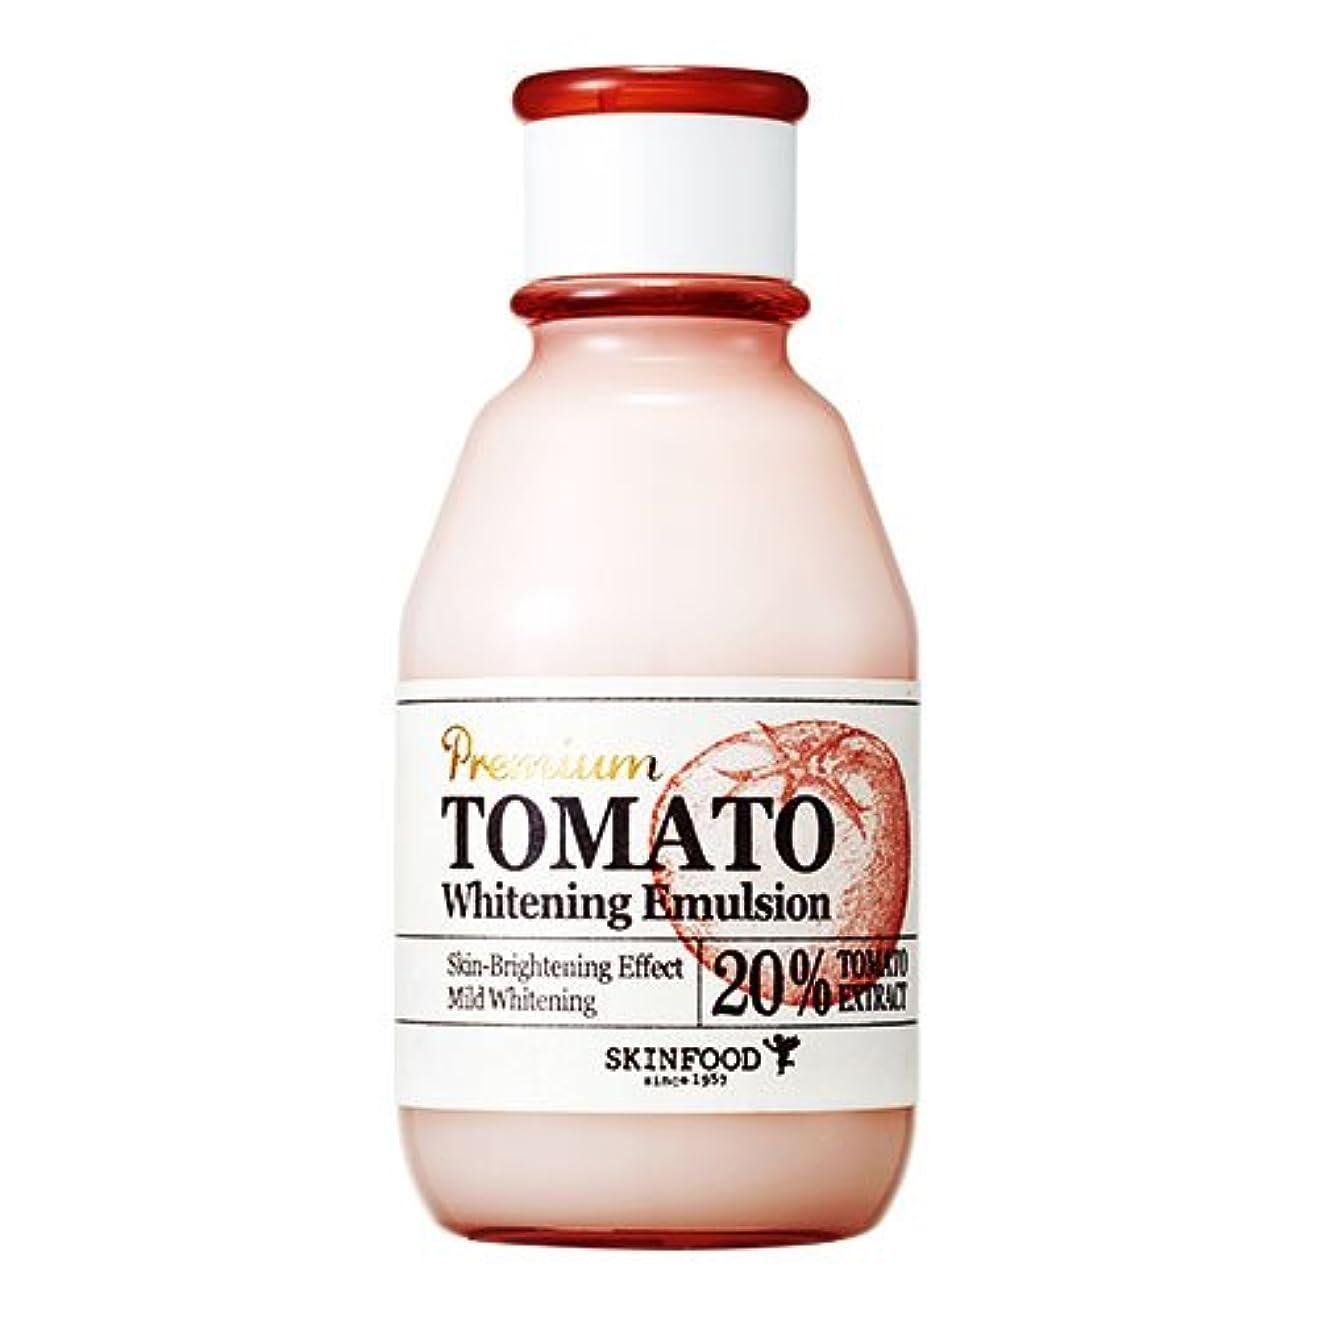 [スキンフード] SKINFOOD プレミアムトマトホワイトニングエマルジョン Premium Tomato Whitening Emulsion (海外直送品) [並行輸入品]